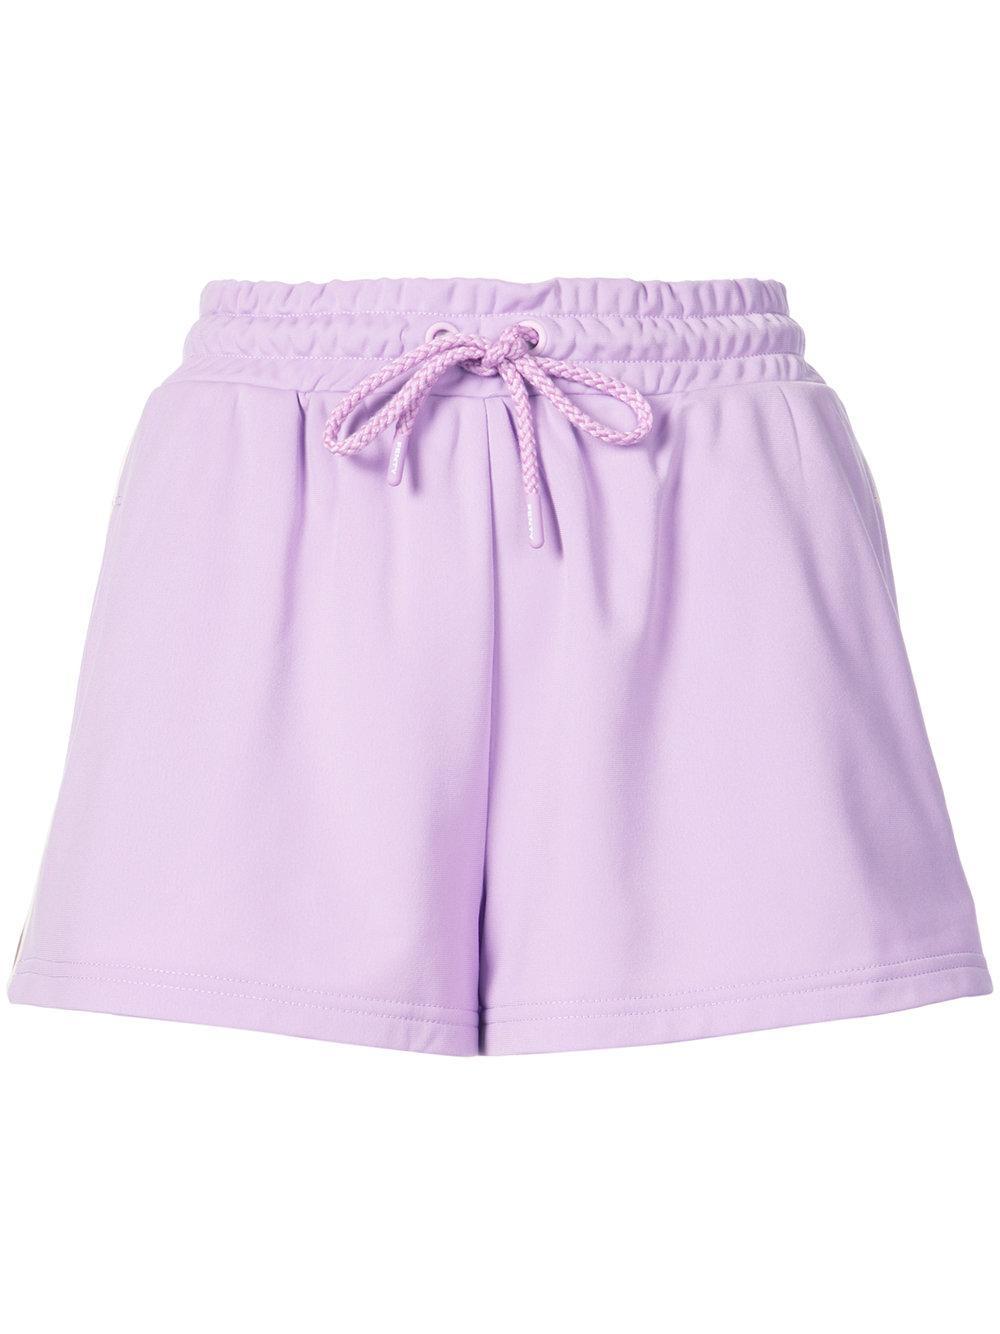 7568c7f821aa Fenty X Puma Side Split Shorts - Pink In Pink   Purple